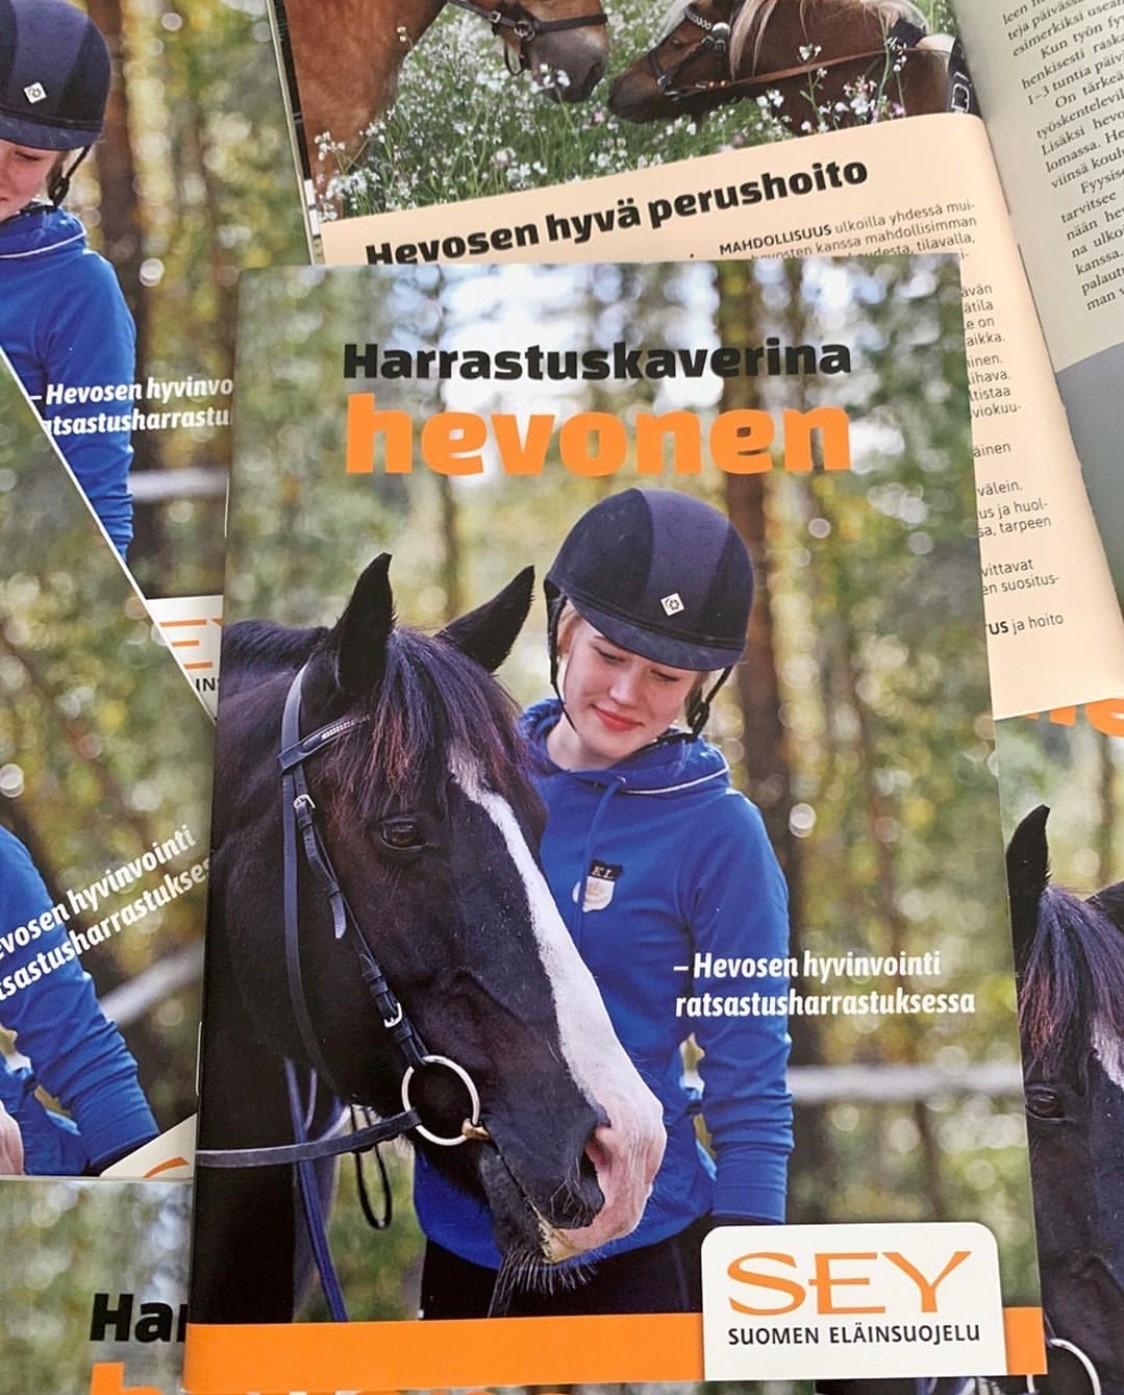 Harrastuskaverina Hevonen -lehtinen